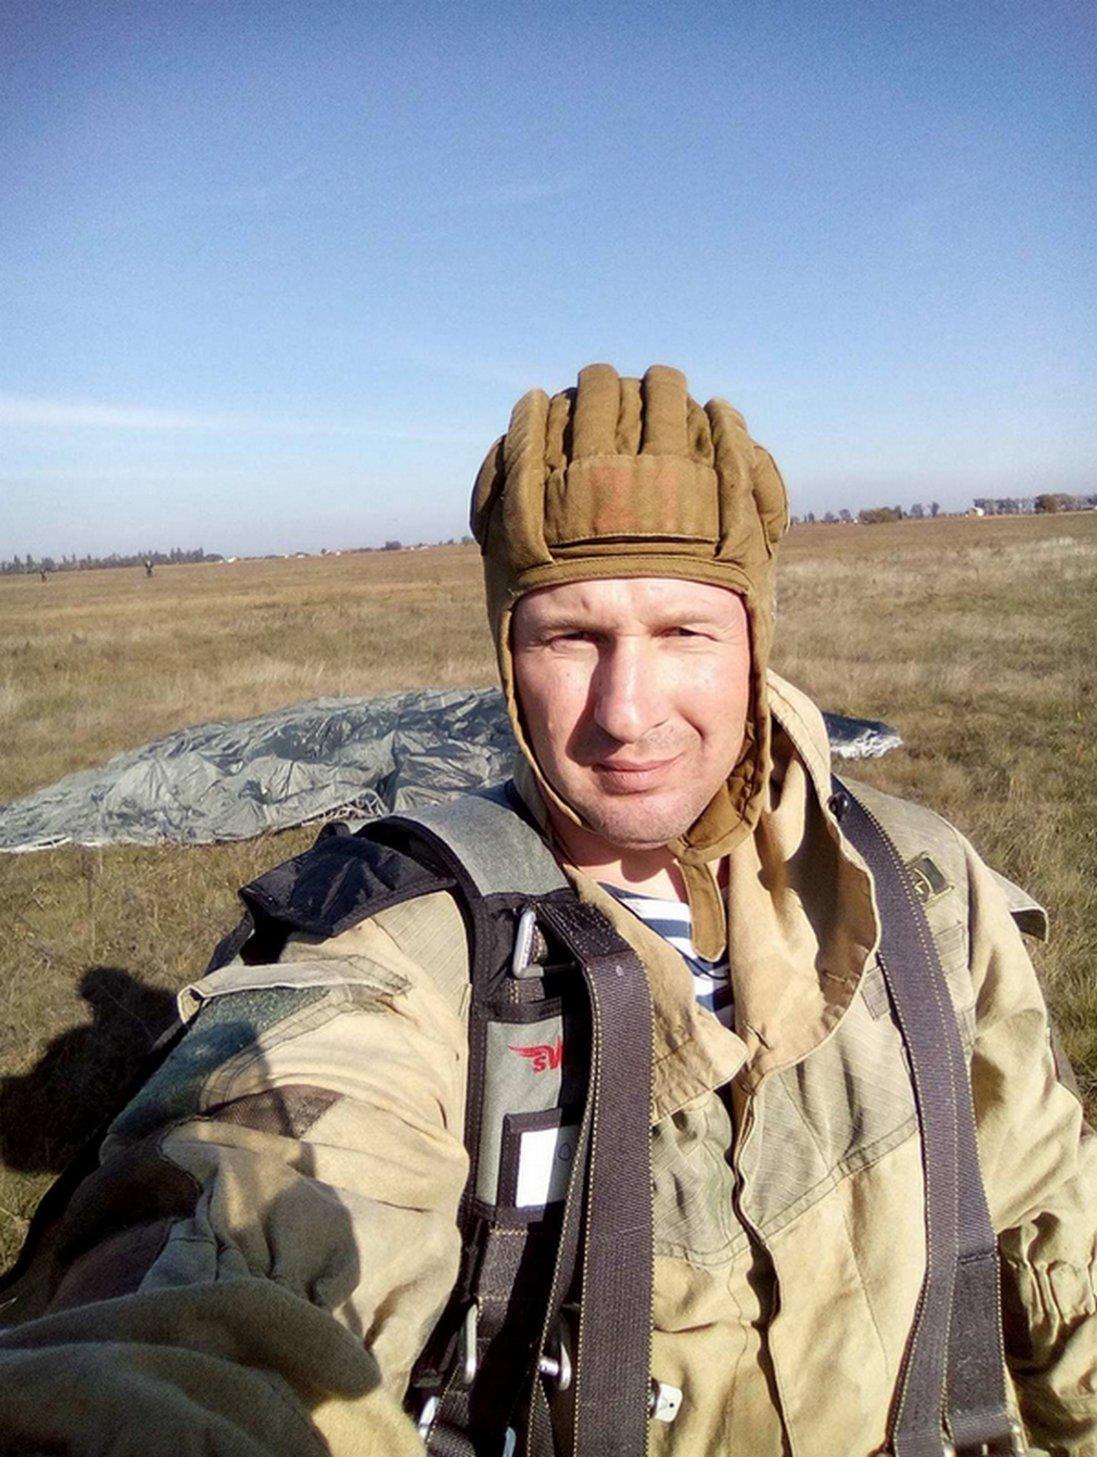 Після поранення втратив слух, а тоді знову пішов боронити Україну